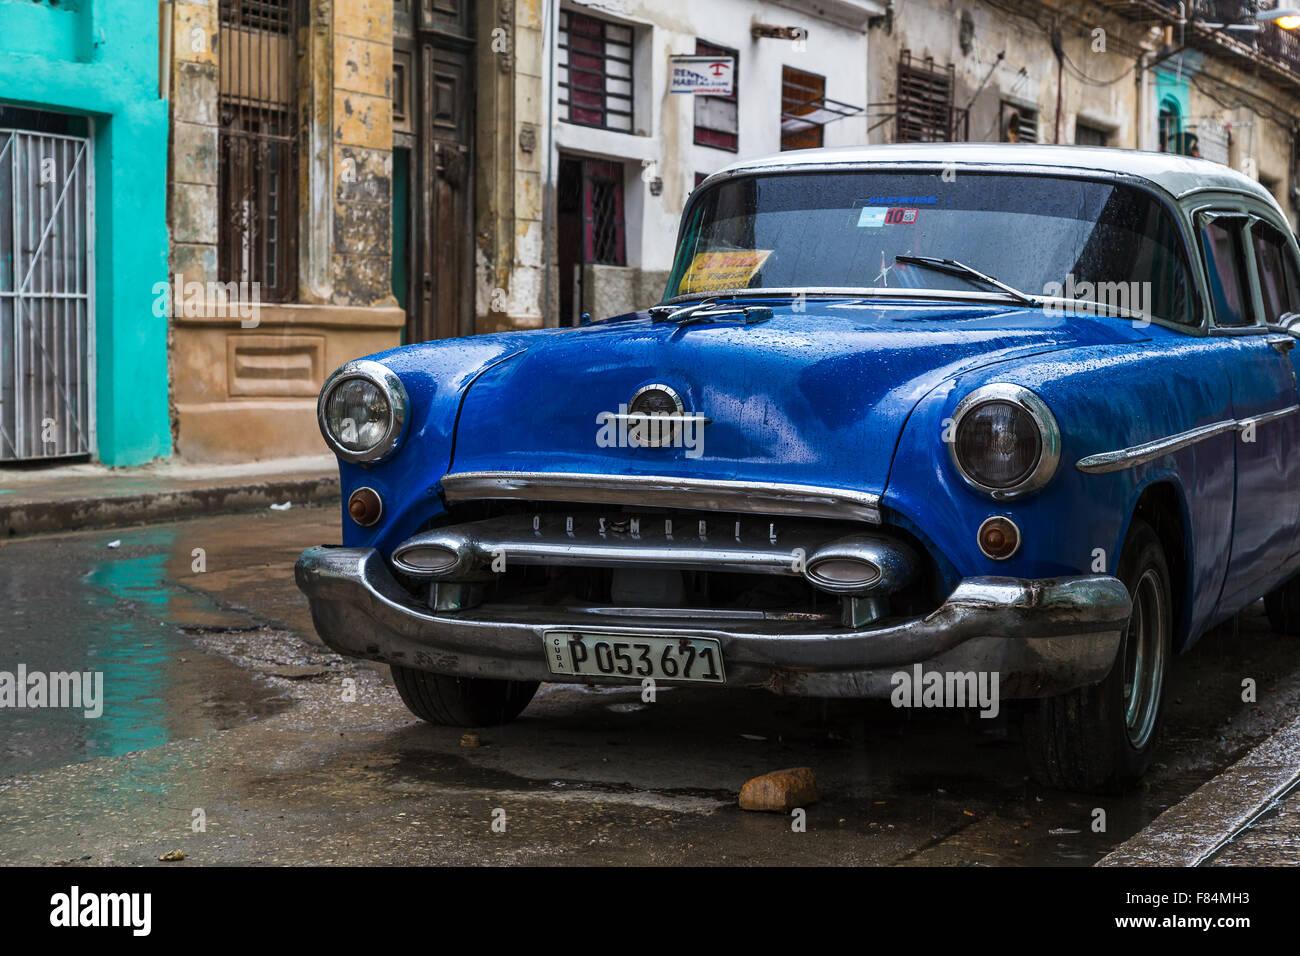 Ich sah dieses schöne dunkele blaue klassische Auto auf der Straße in Havanna Centro & fand ein Bild Stockbild